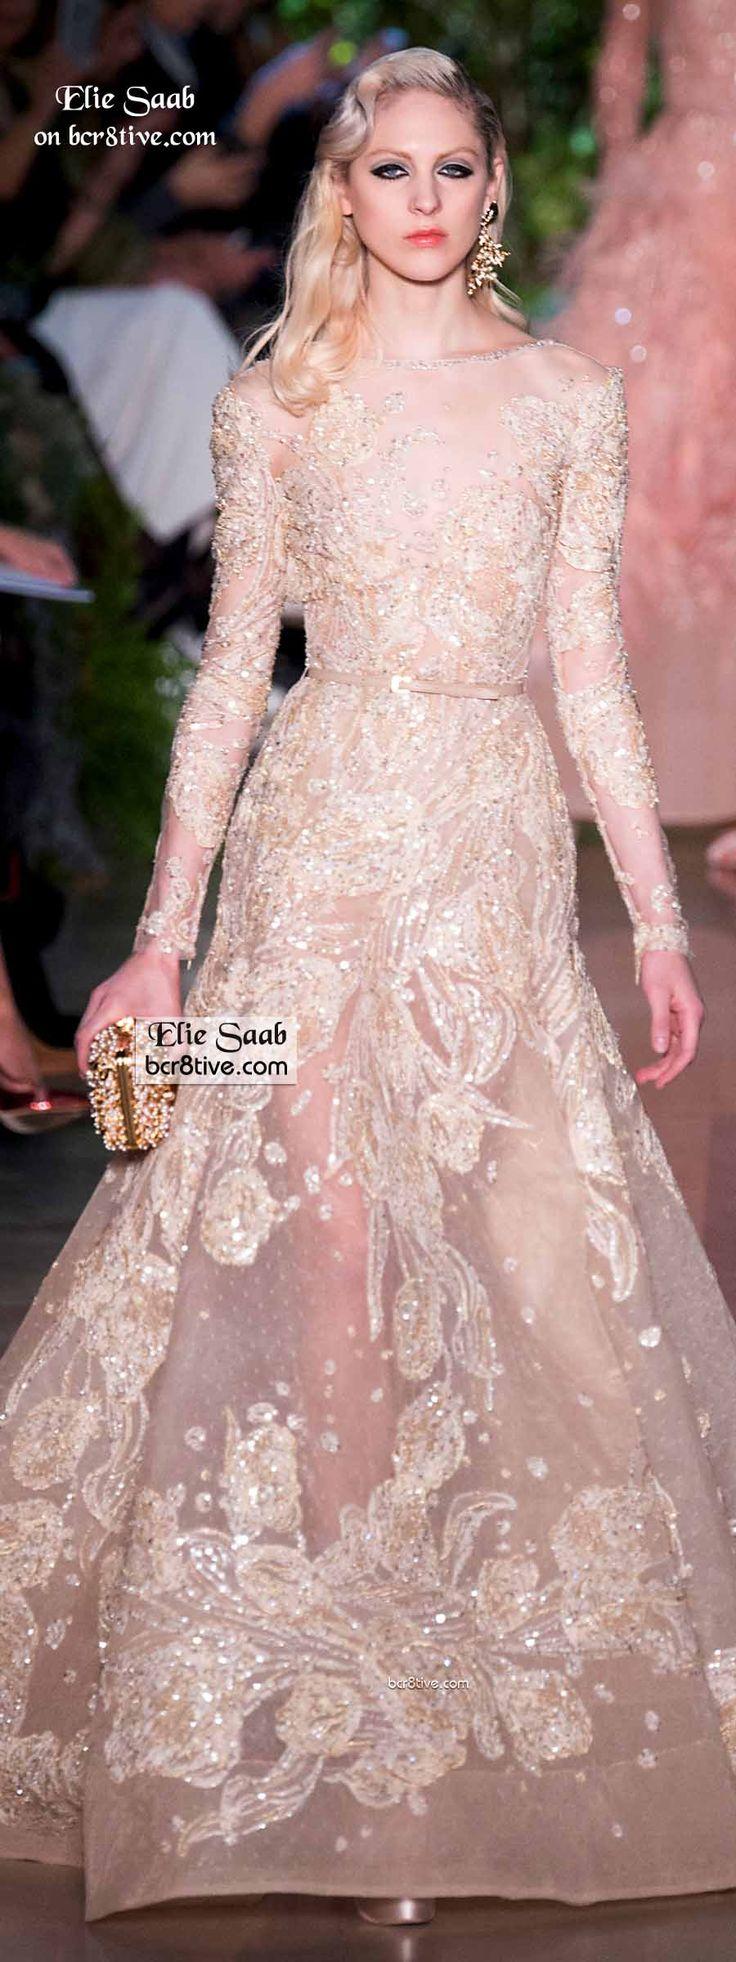 Mejores 1032 imágenes de All About Dresses en Pinterest   Vestido de ...